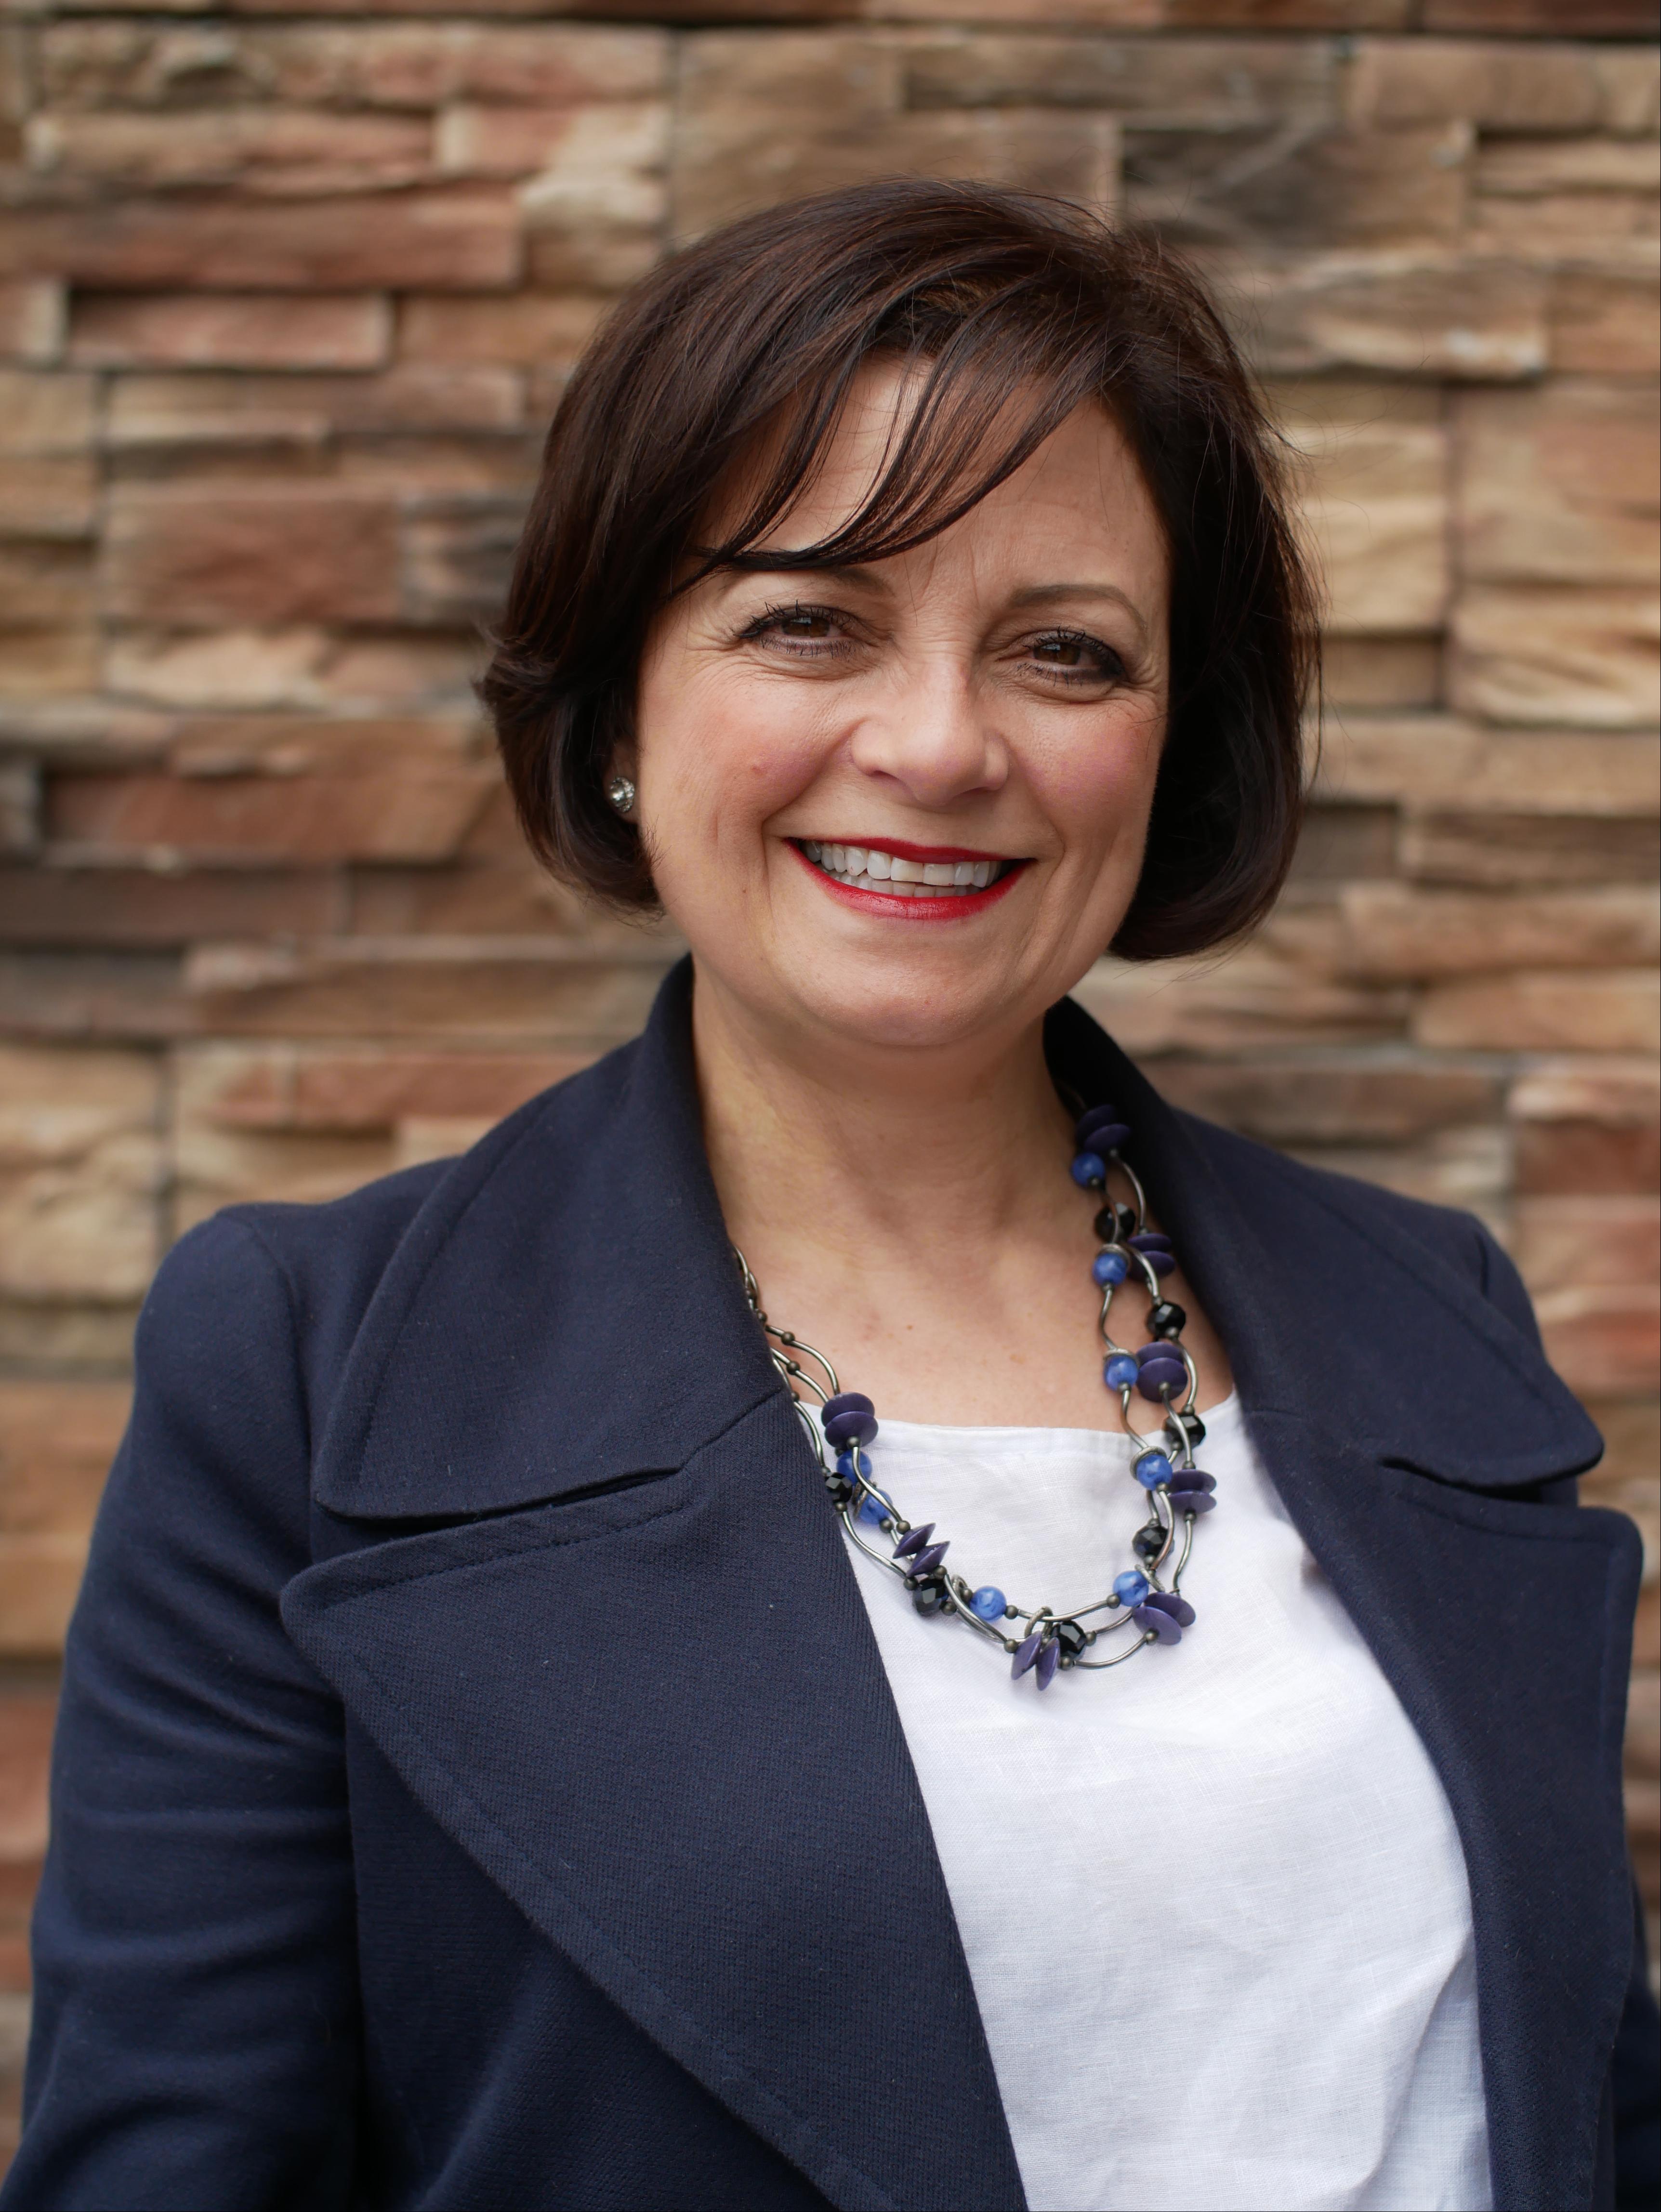 Cathi Krewicki